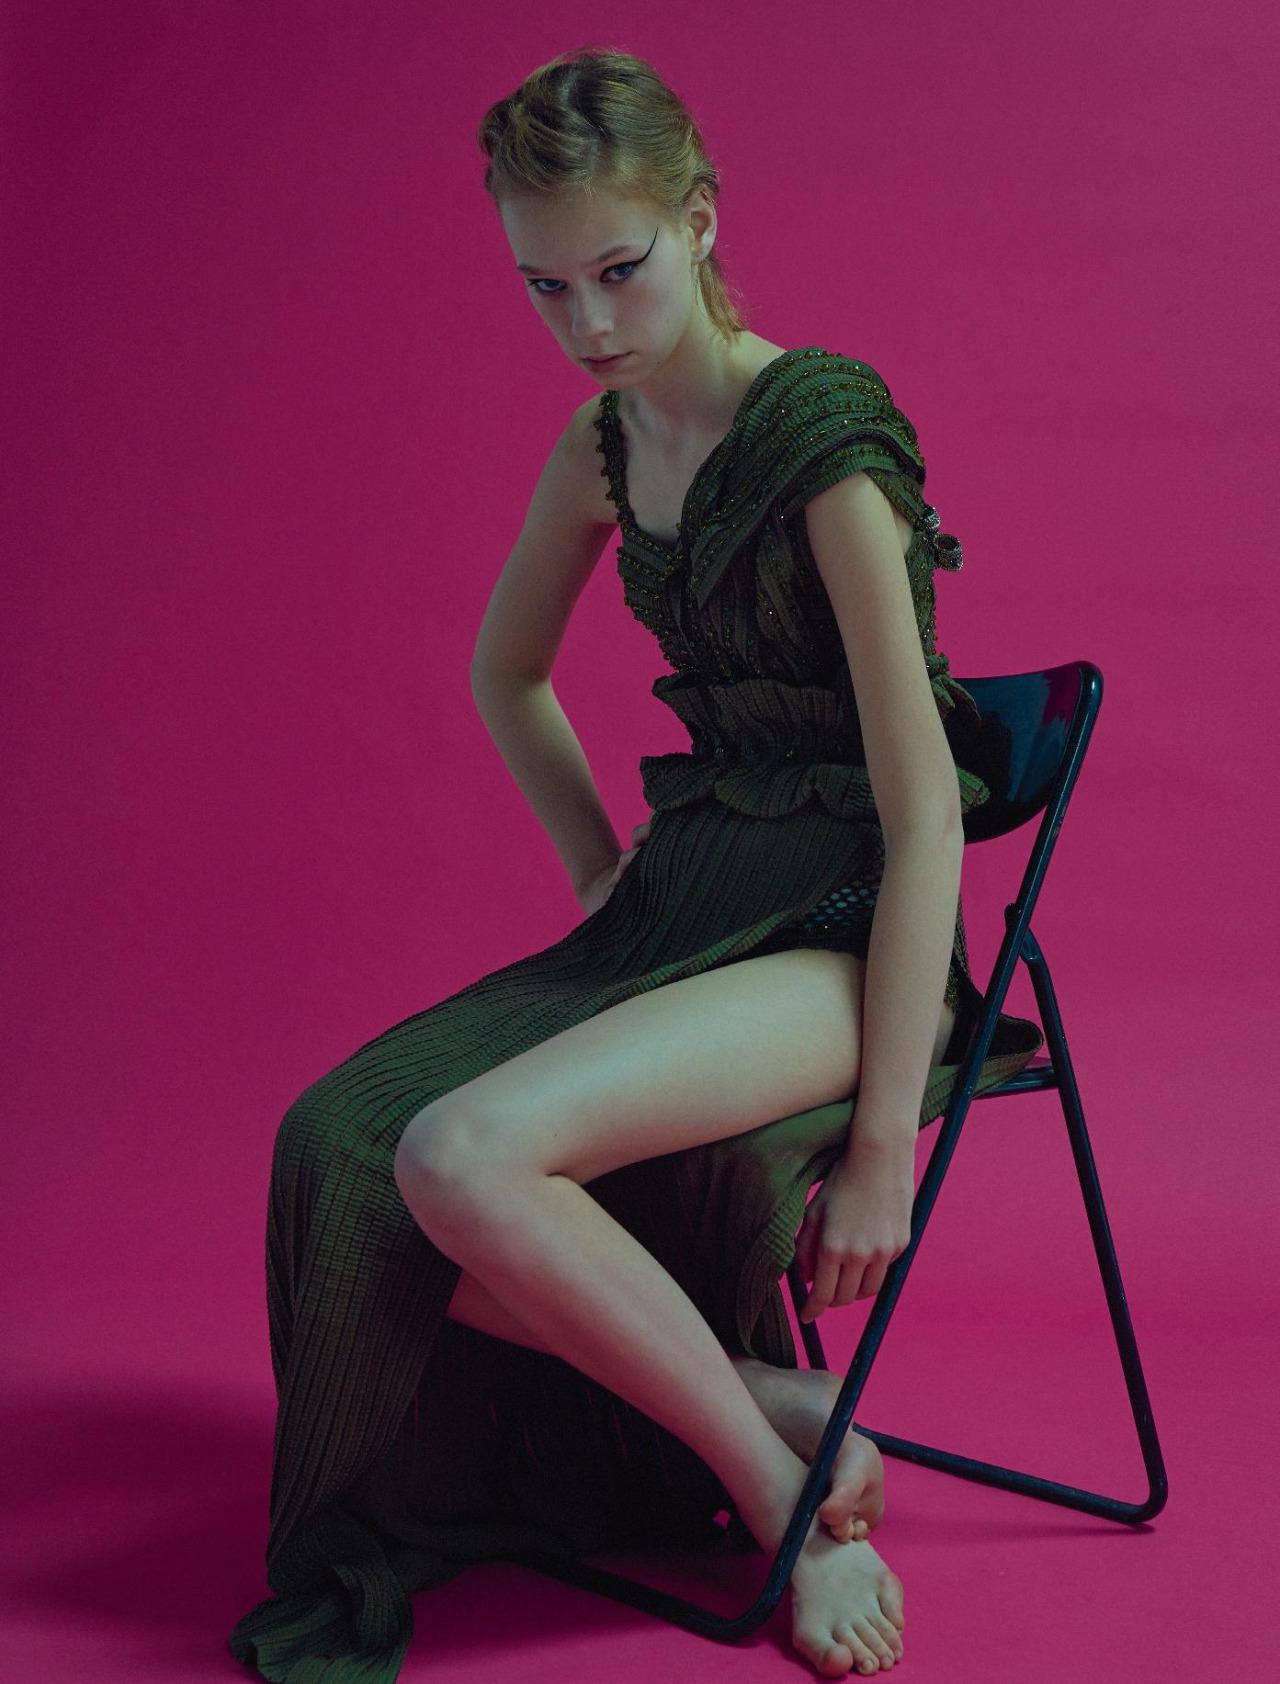 Hannah Elyse, Annie Tice & Aniek Klapwijk by Sofia Sanchez & Mauro Mongiello (6)